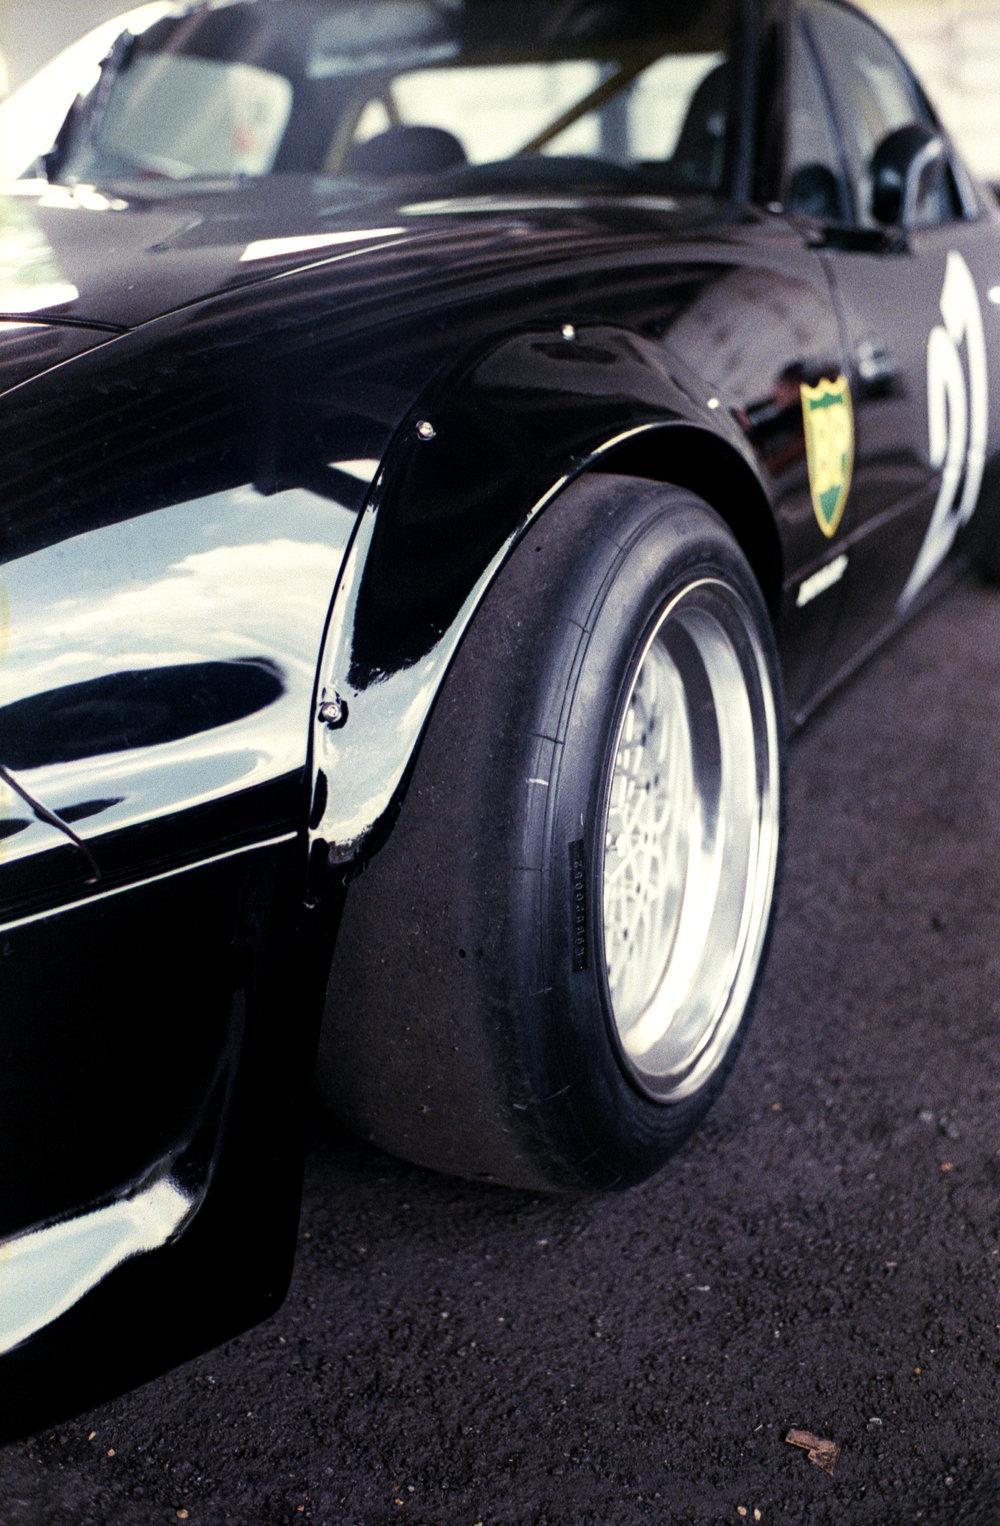 Nathan Wohlander's Roadster